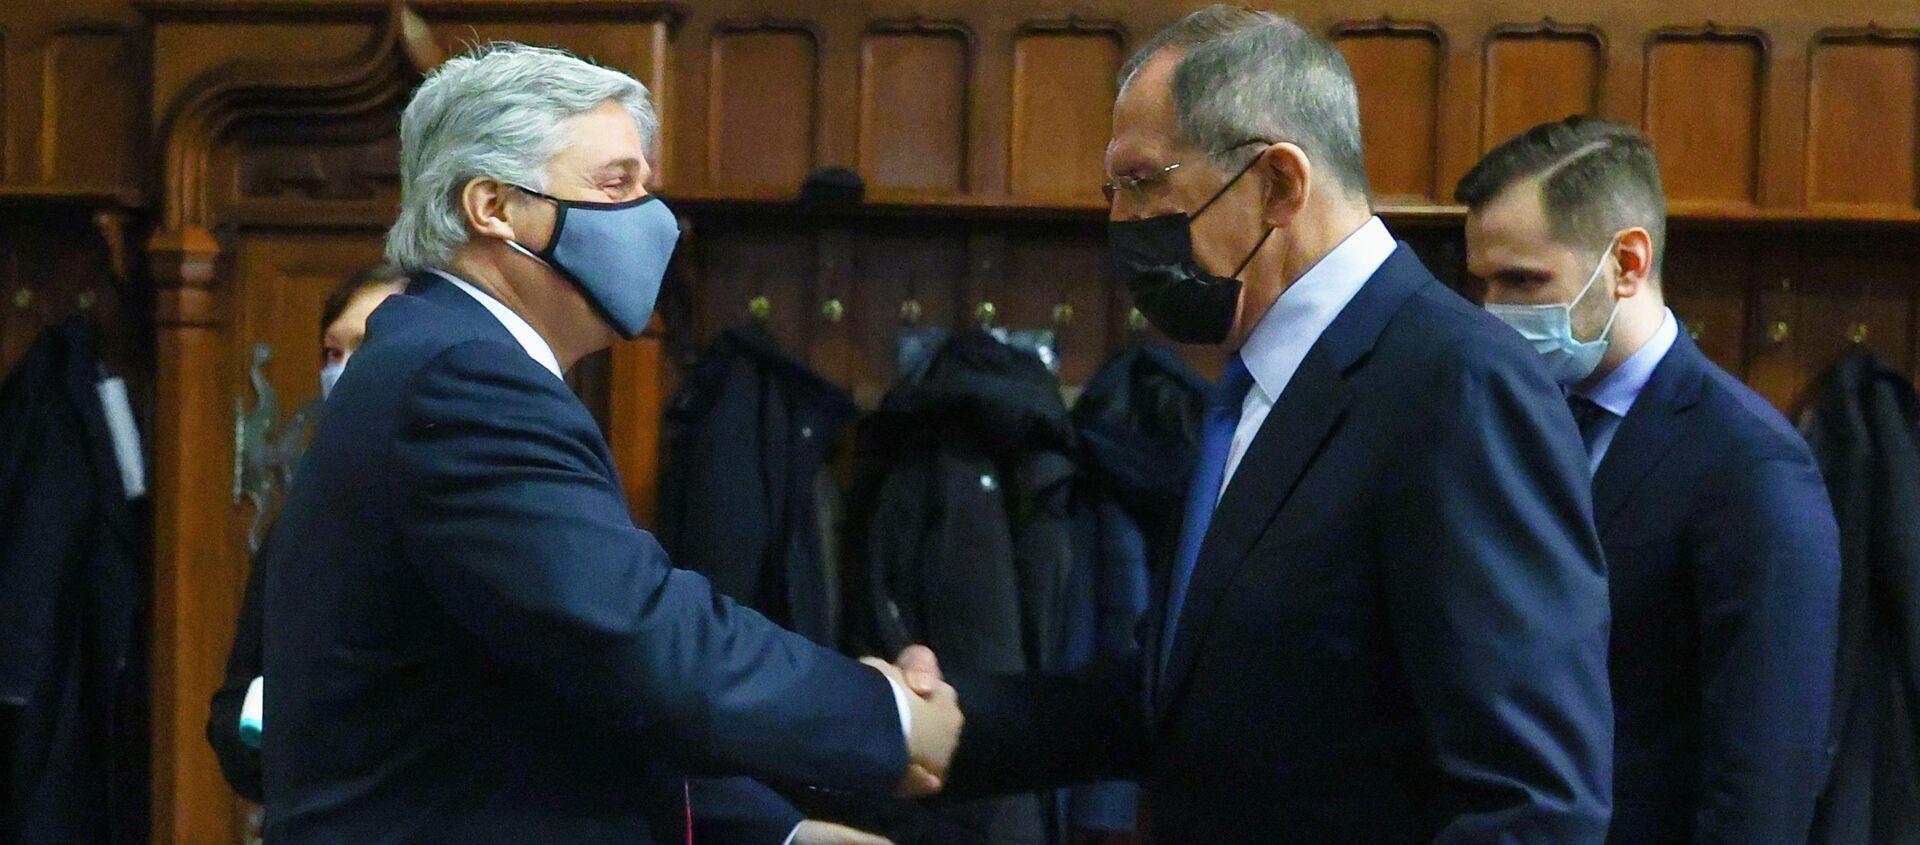 El ministro de Exteriores ruso, Serguéi Lavrov y el canciller uruguayo, Francisco Bustillo - Sputnik Mundo, 1920, 01.12.2020